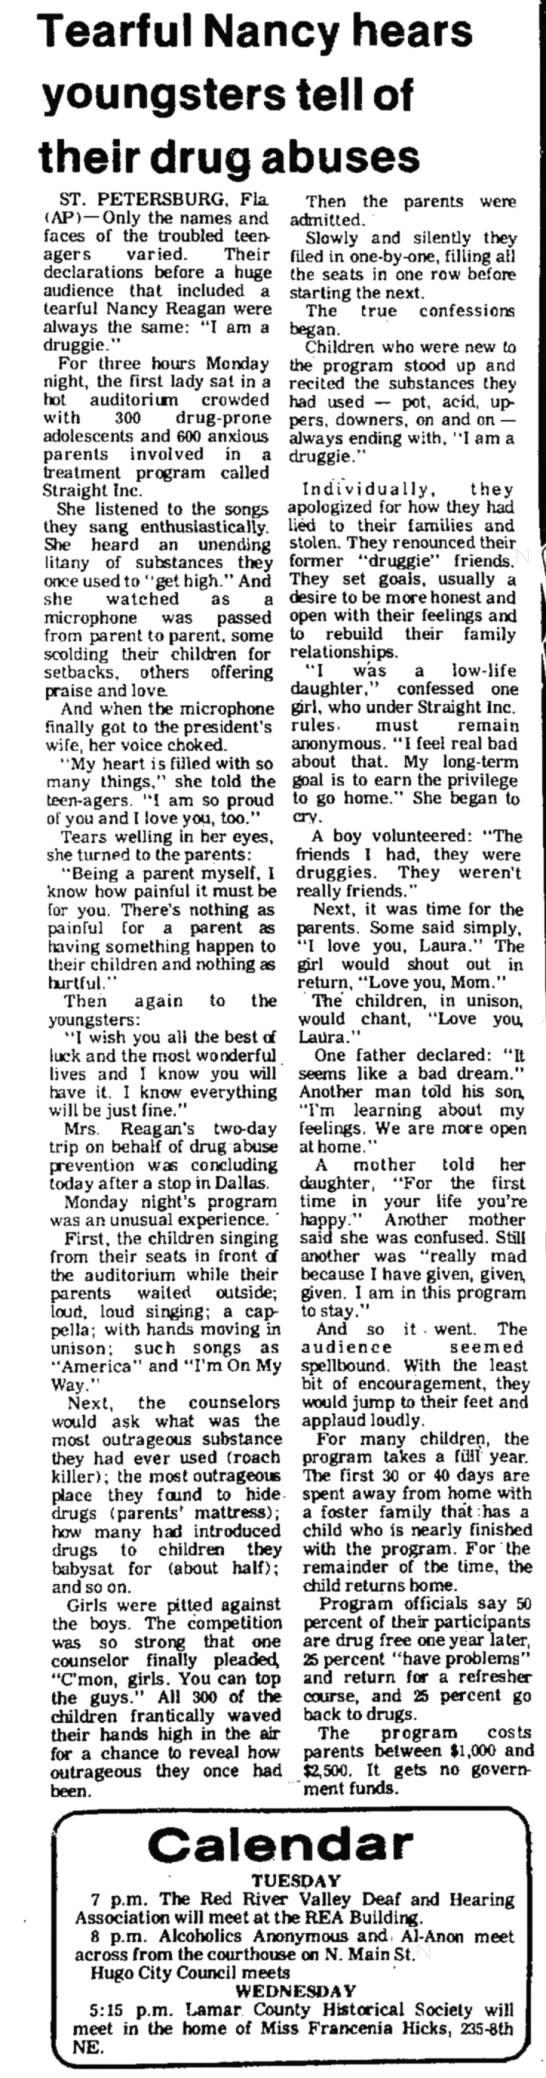 Nancy Reagan & Straight Inc, Texas, Feb 1982